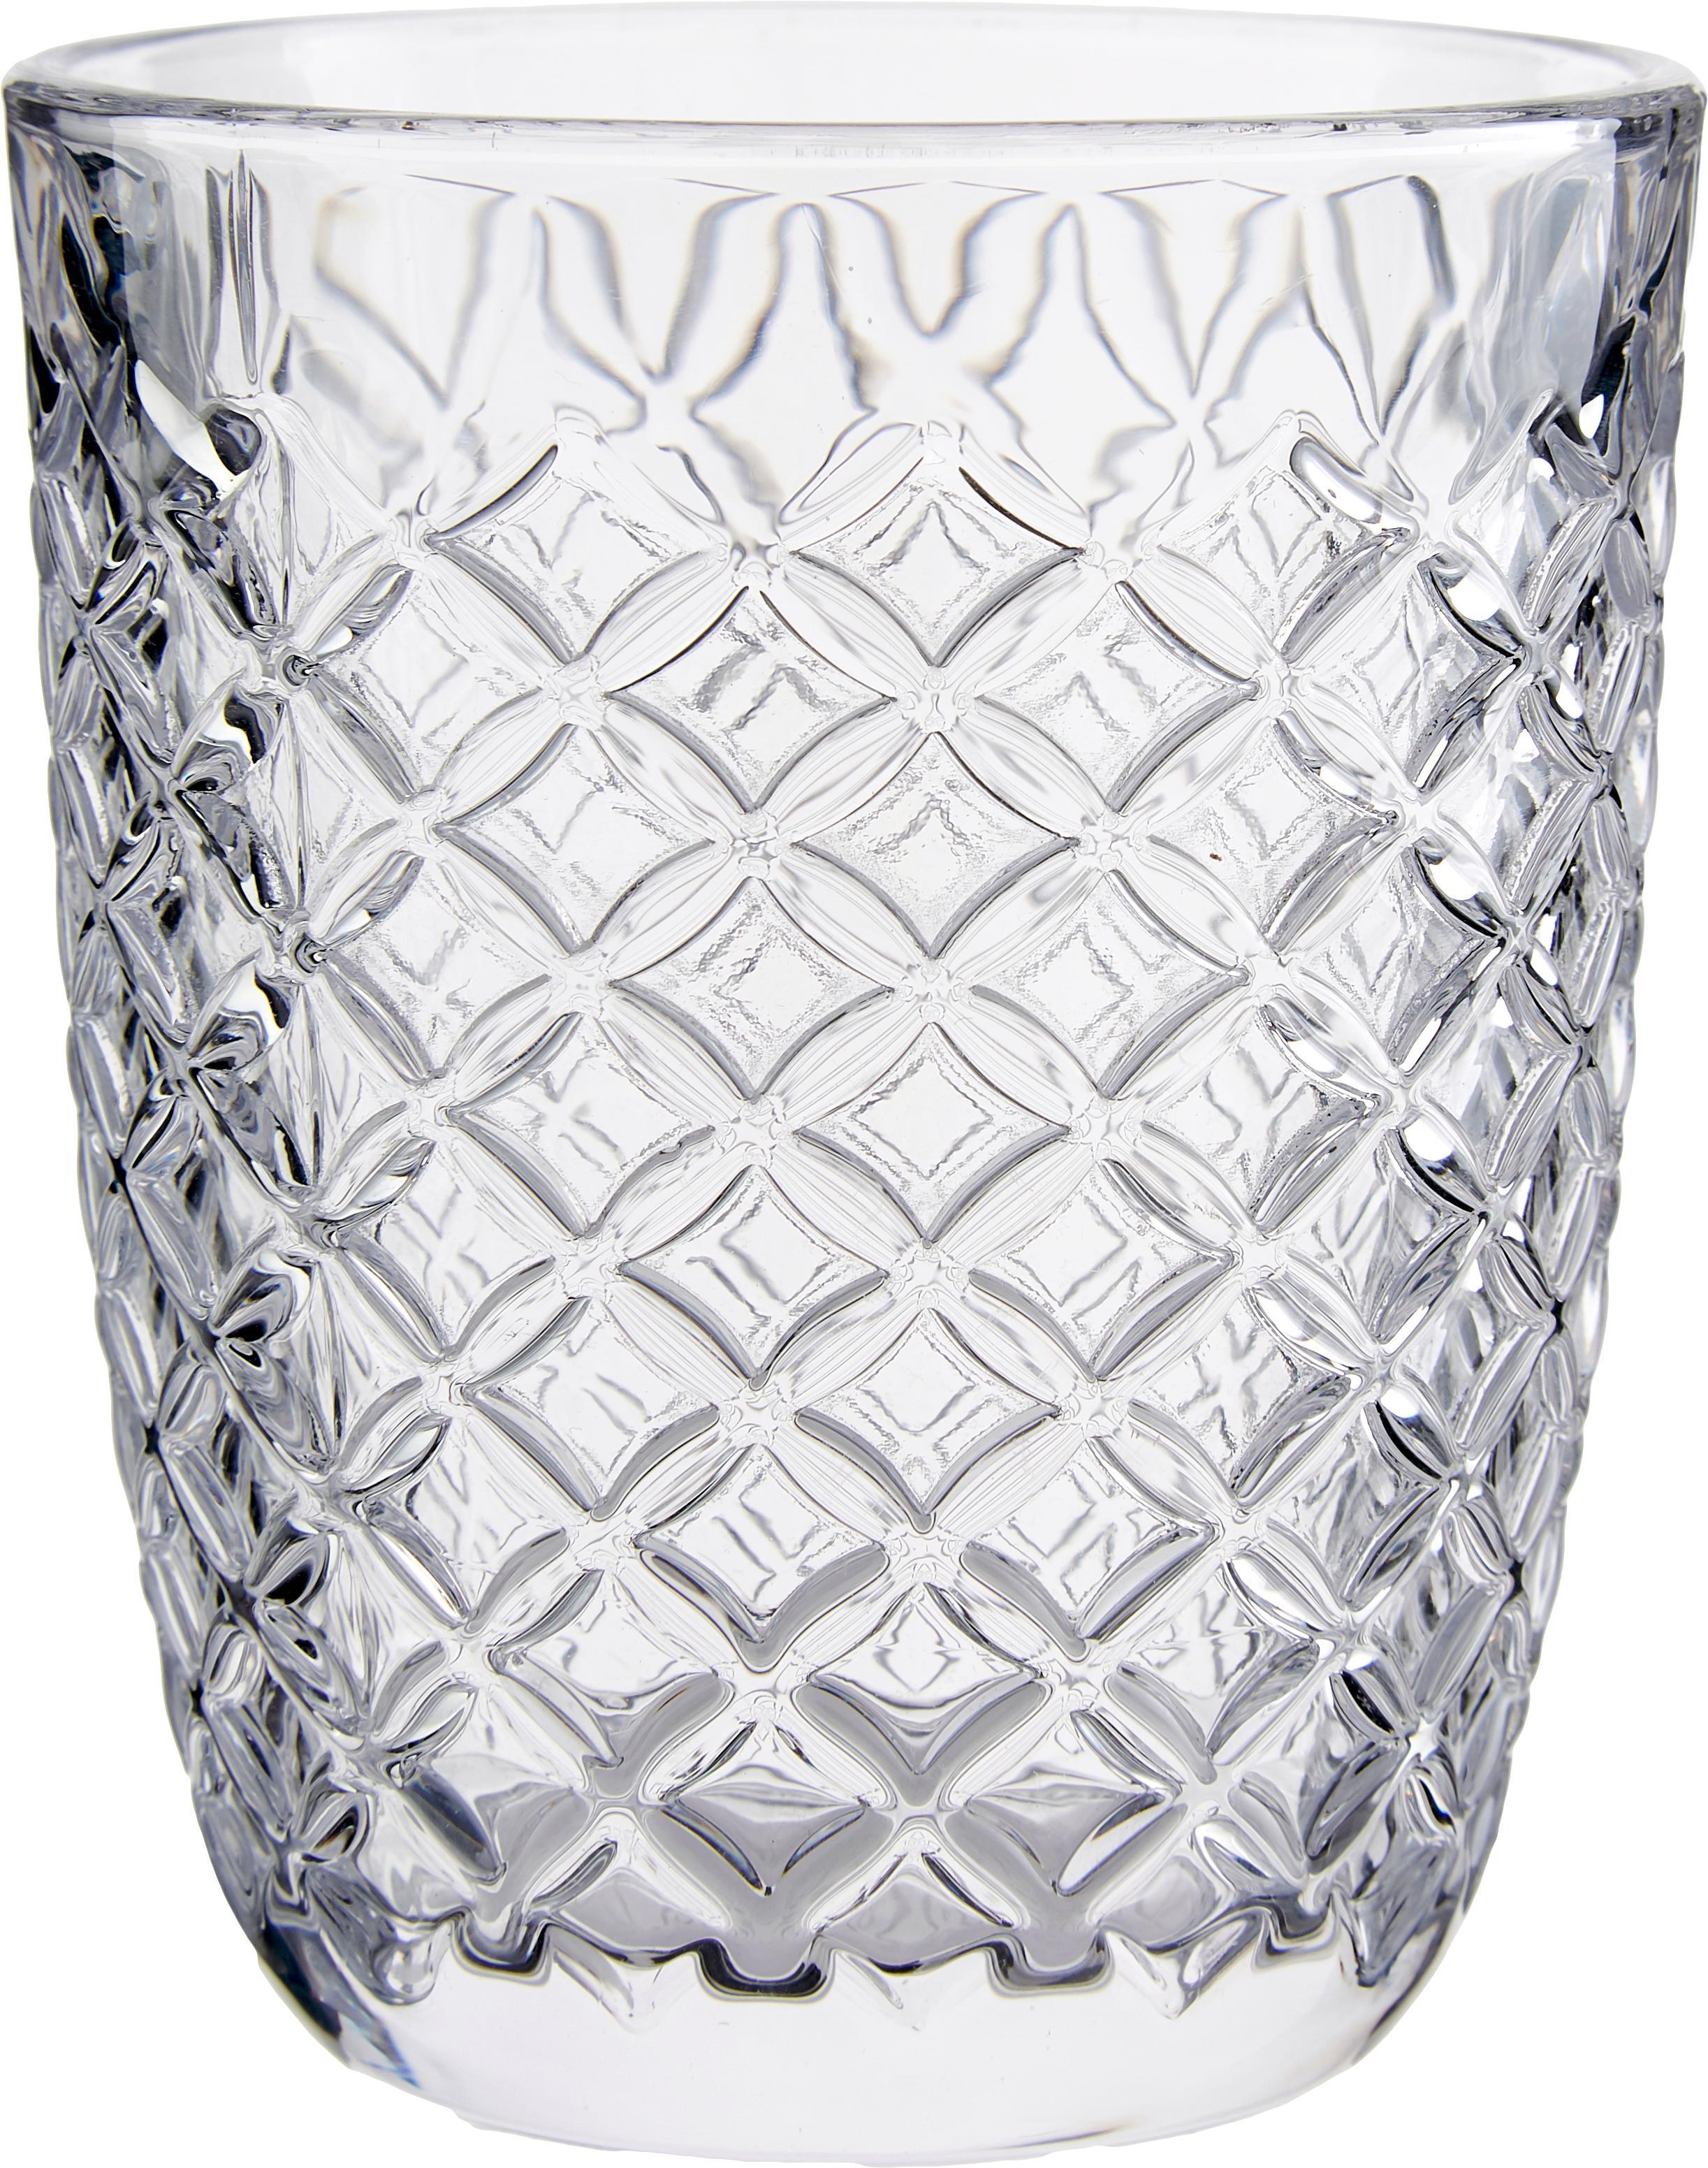 Wassergläser Arlequin mit Reliefmuster, 6er-Set, Glas, Transparent, 250 ml